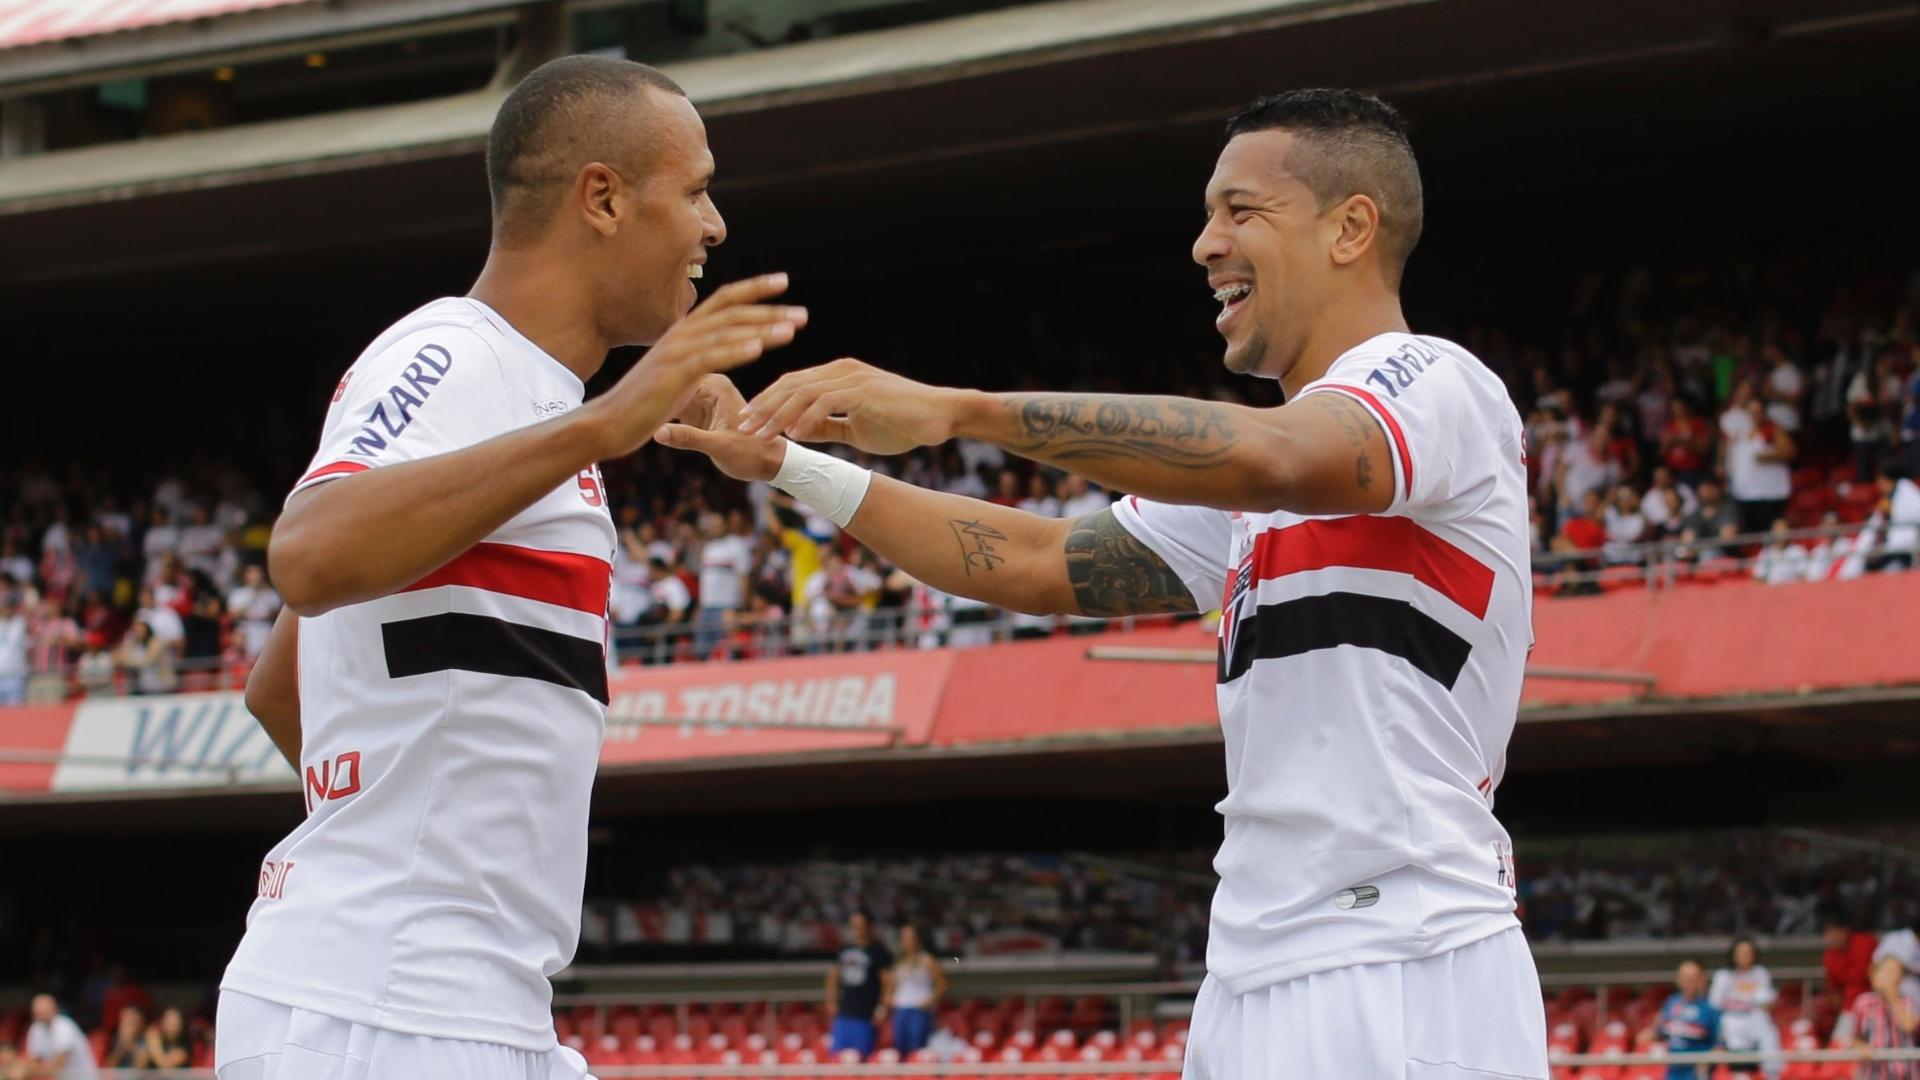 Antônio Carlos e Luis Fabiano treinam, mas são dúvidas contra o Criciúma